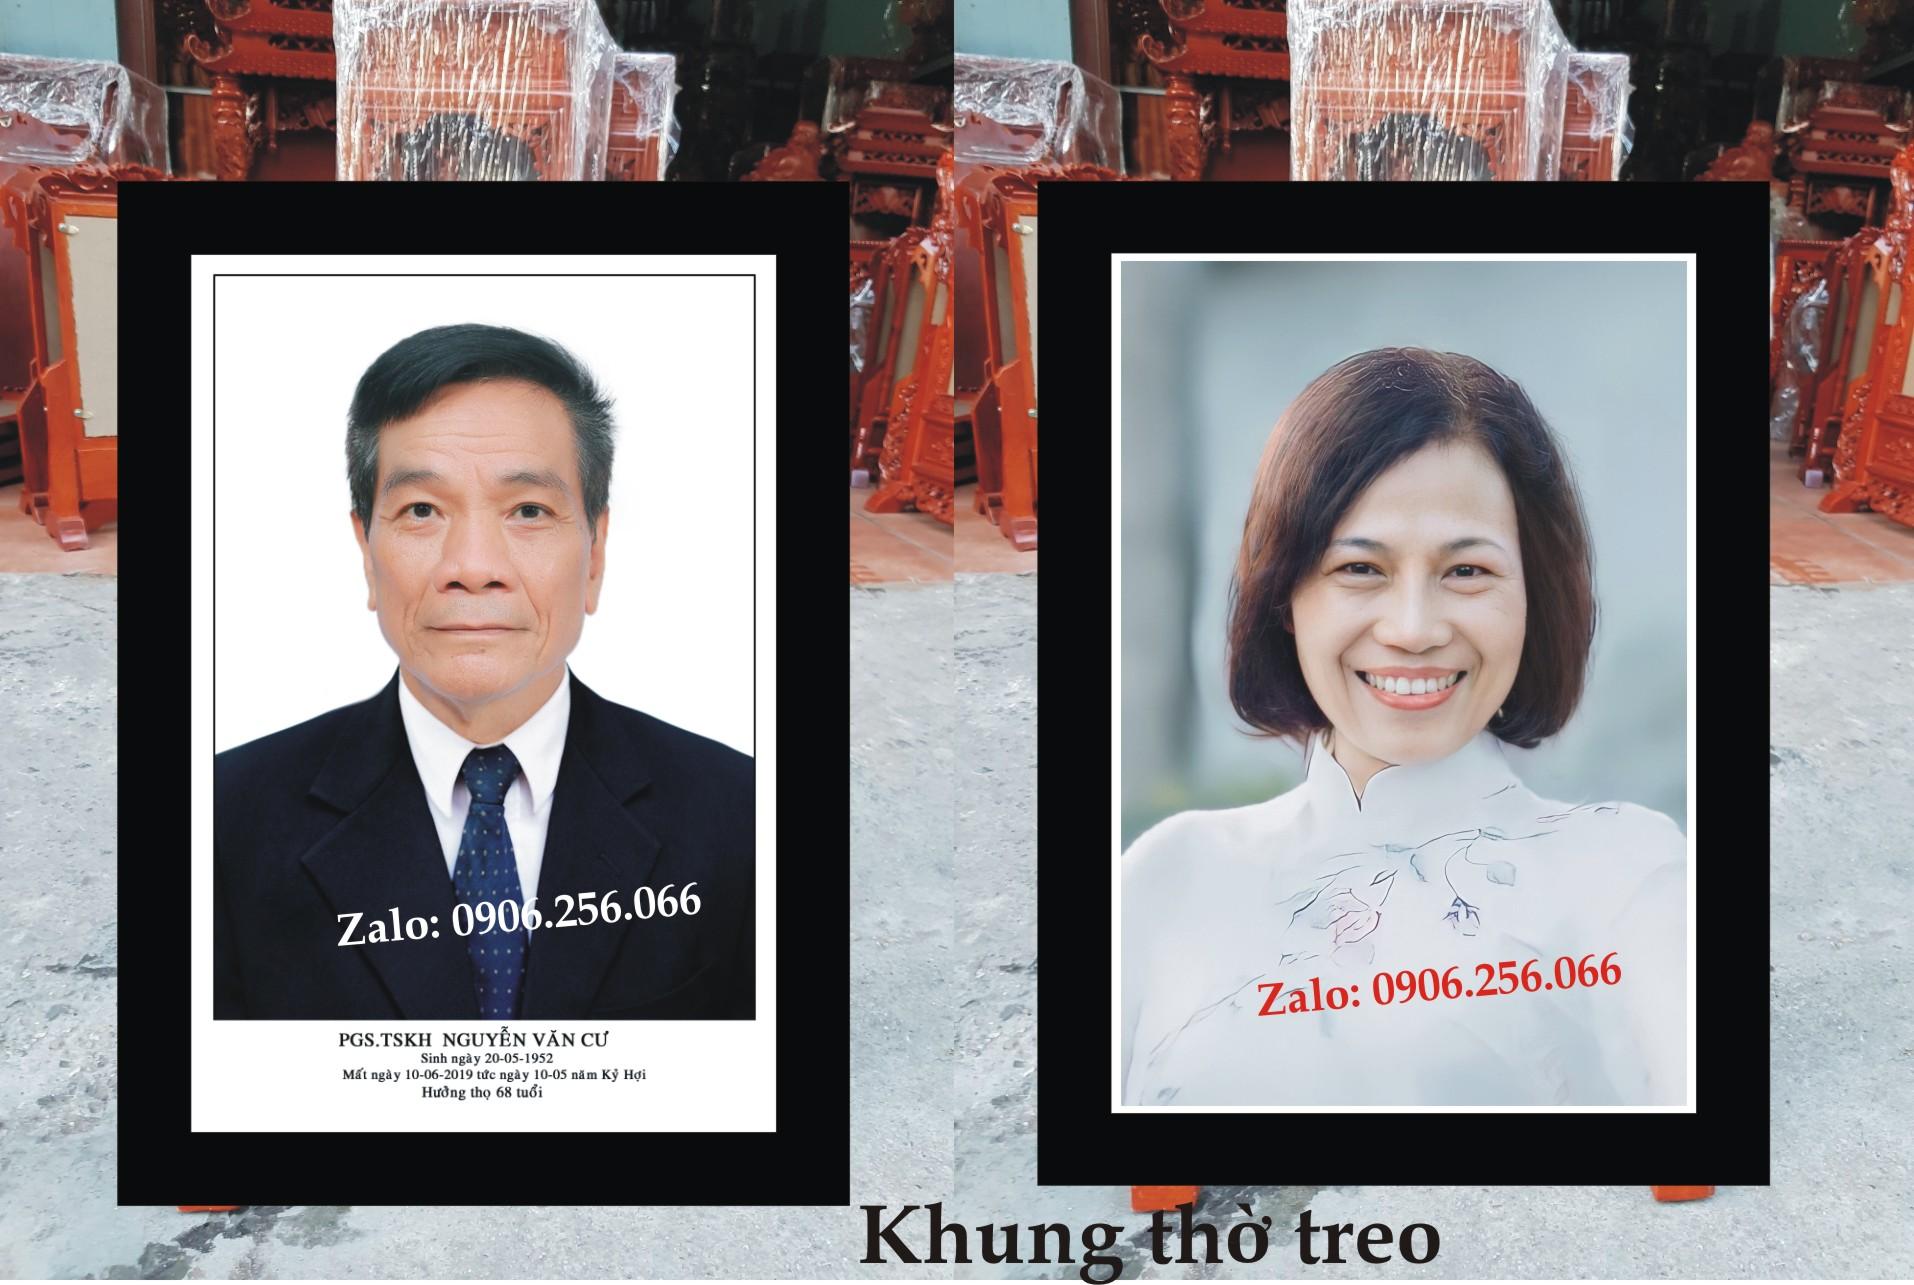 Khung gỗ nhựa lưu giữ hình ảnh những người thân yêu đã mất